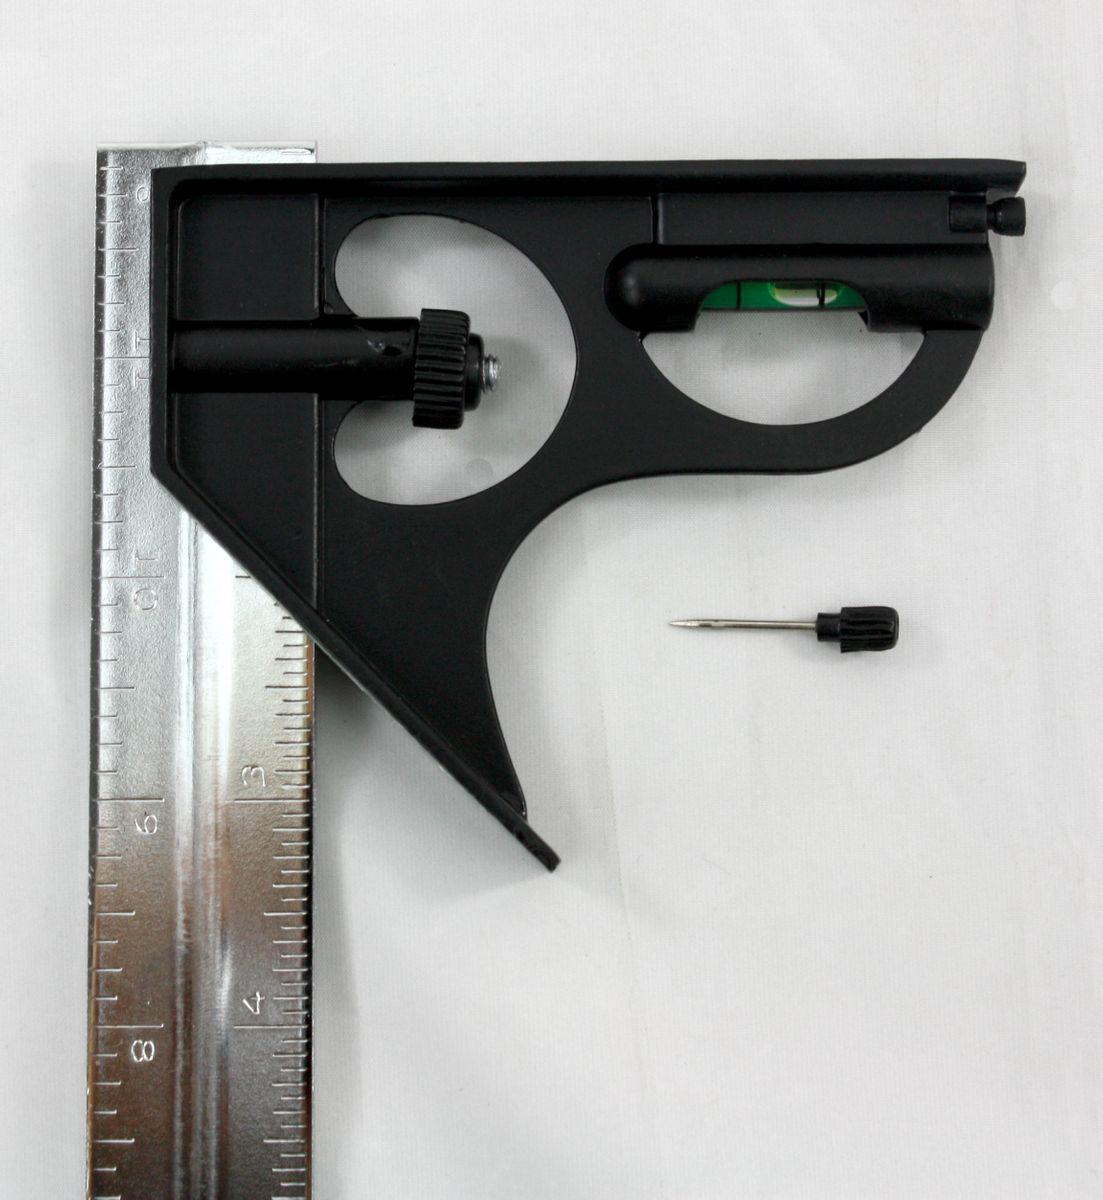 MIB Kombinationswinkel, Schiene 300 mm, mit Wasserwaage und Anreißnadel 03047010 – Bild 5